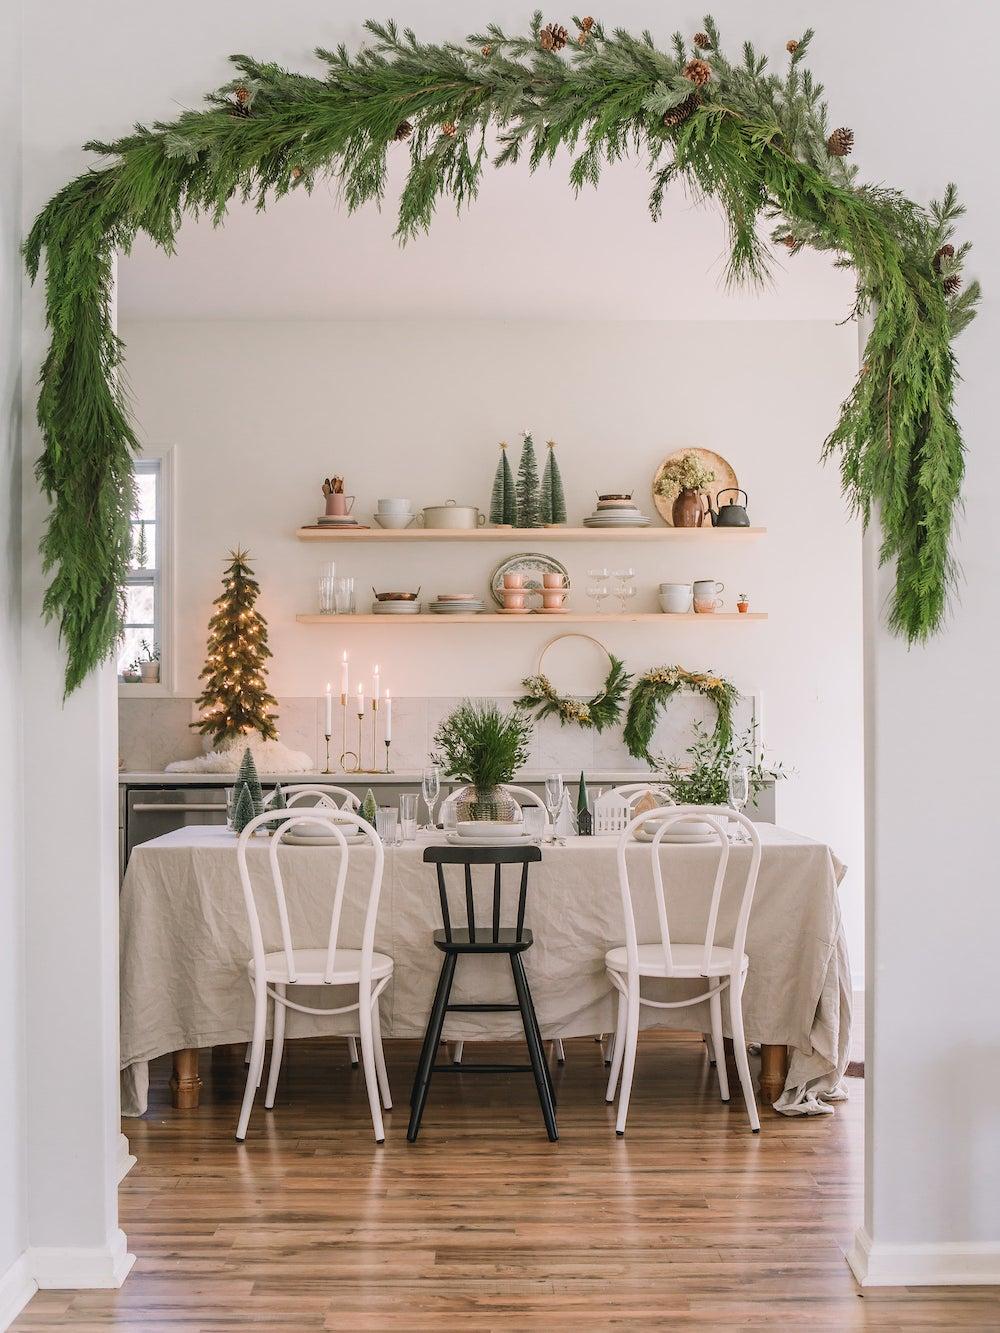 wreath arund threshold